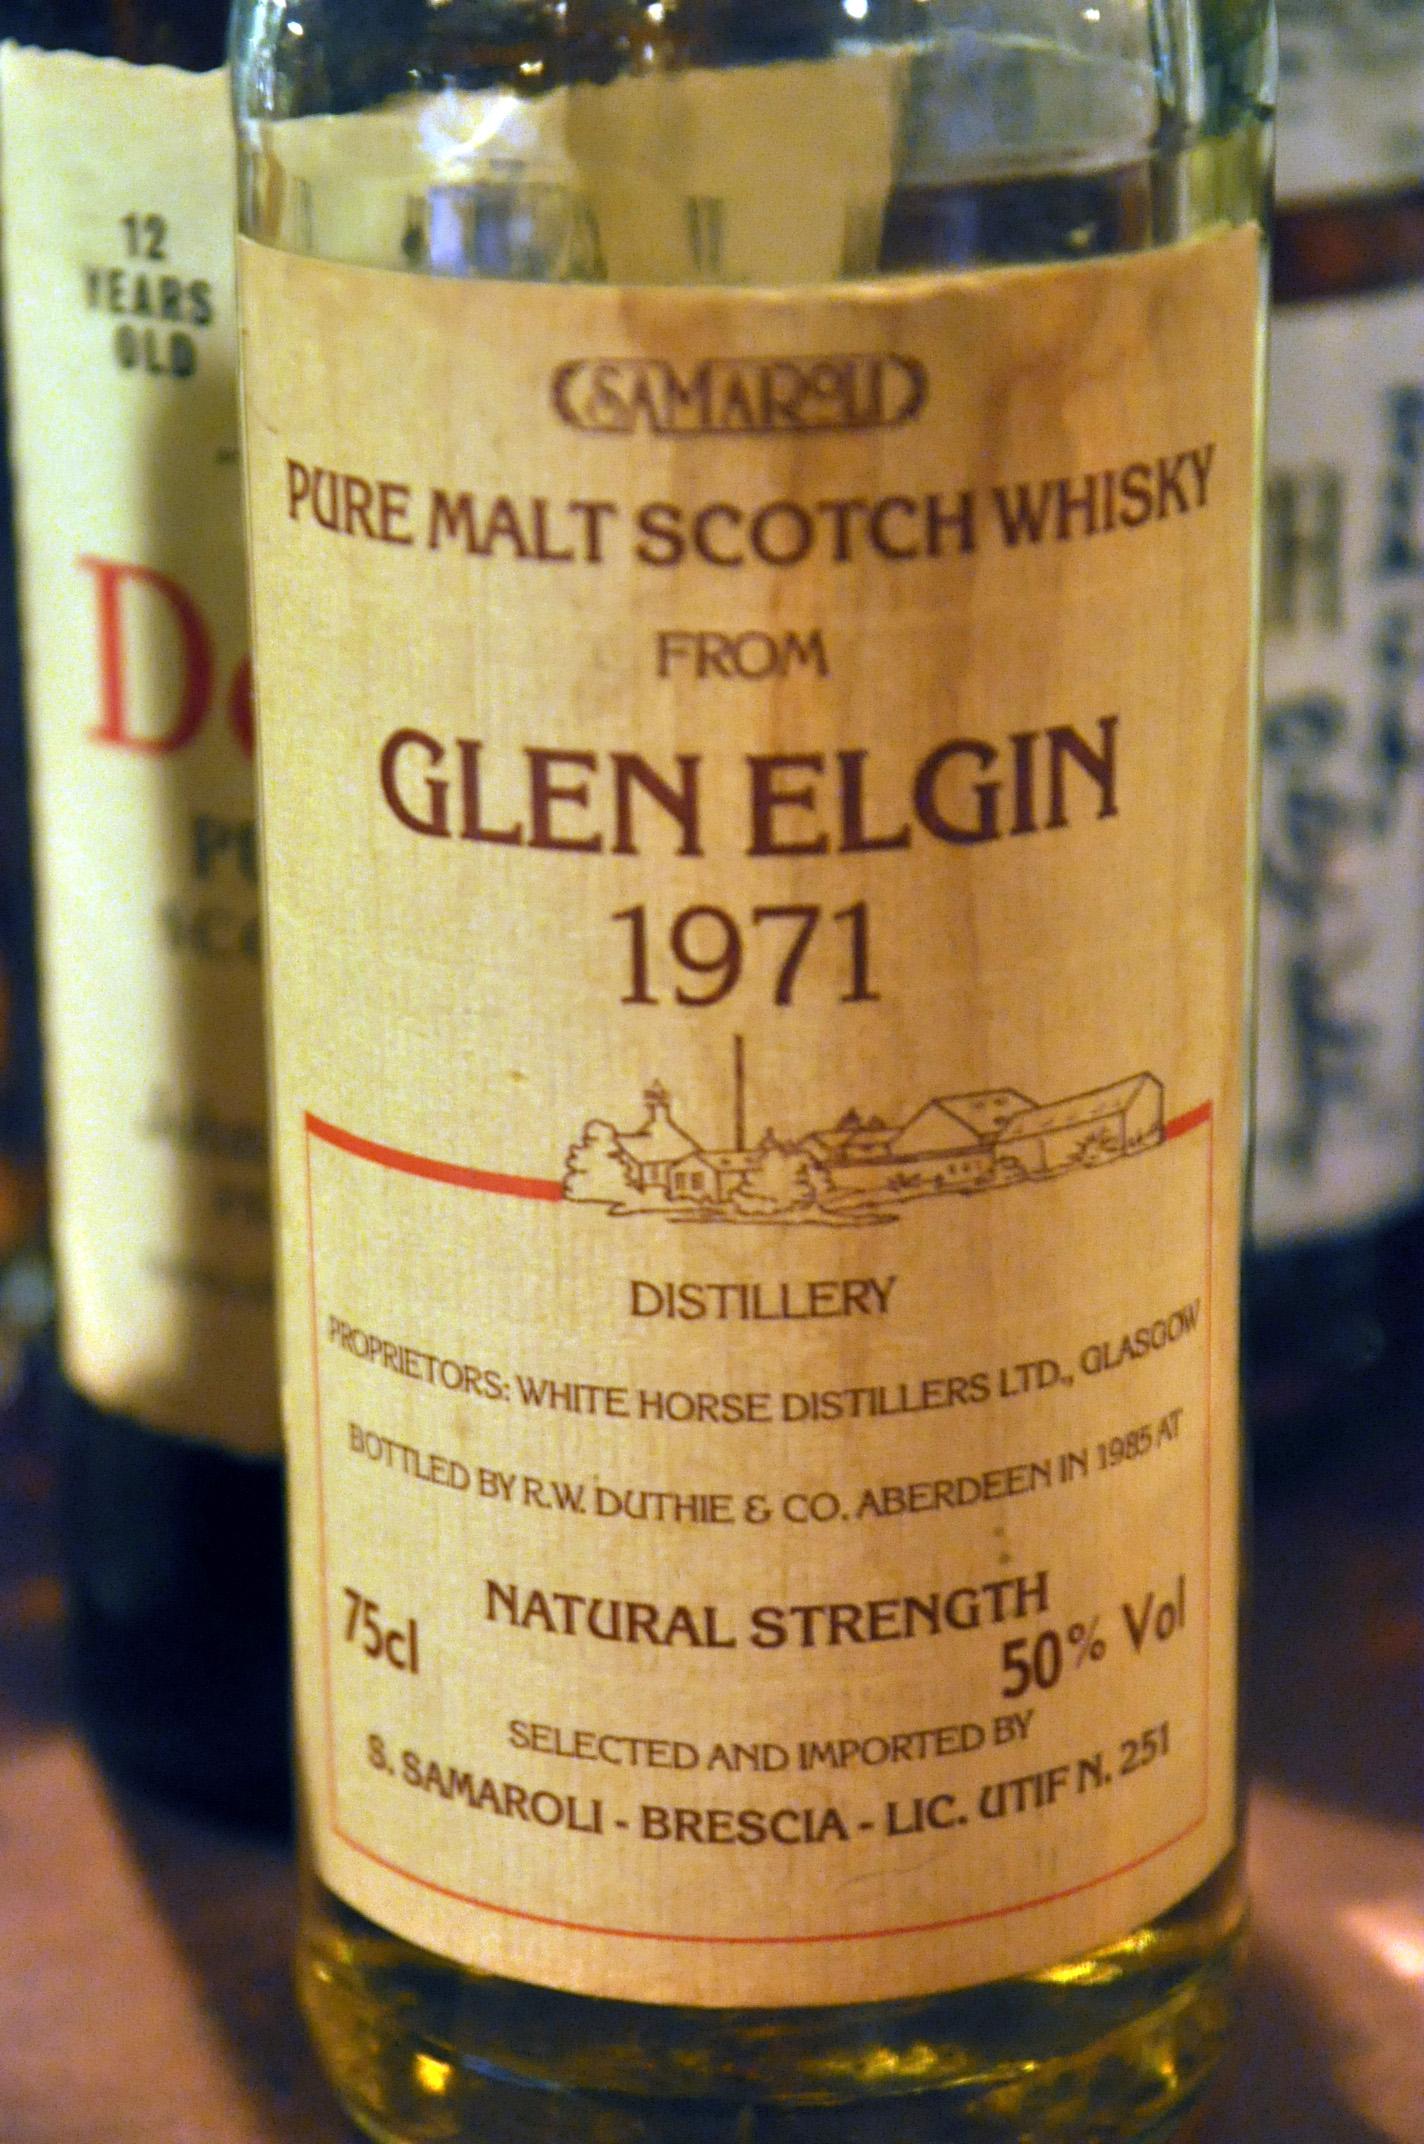 グレンエルギン Glen Elgin 1971/1985 (50%, Samaroli, White Label w. Distillery drawing, 1200bts, 75cl)